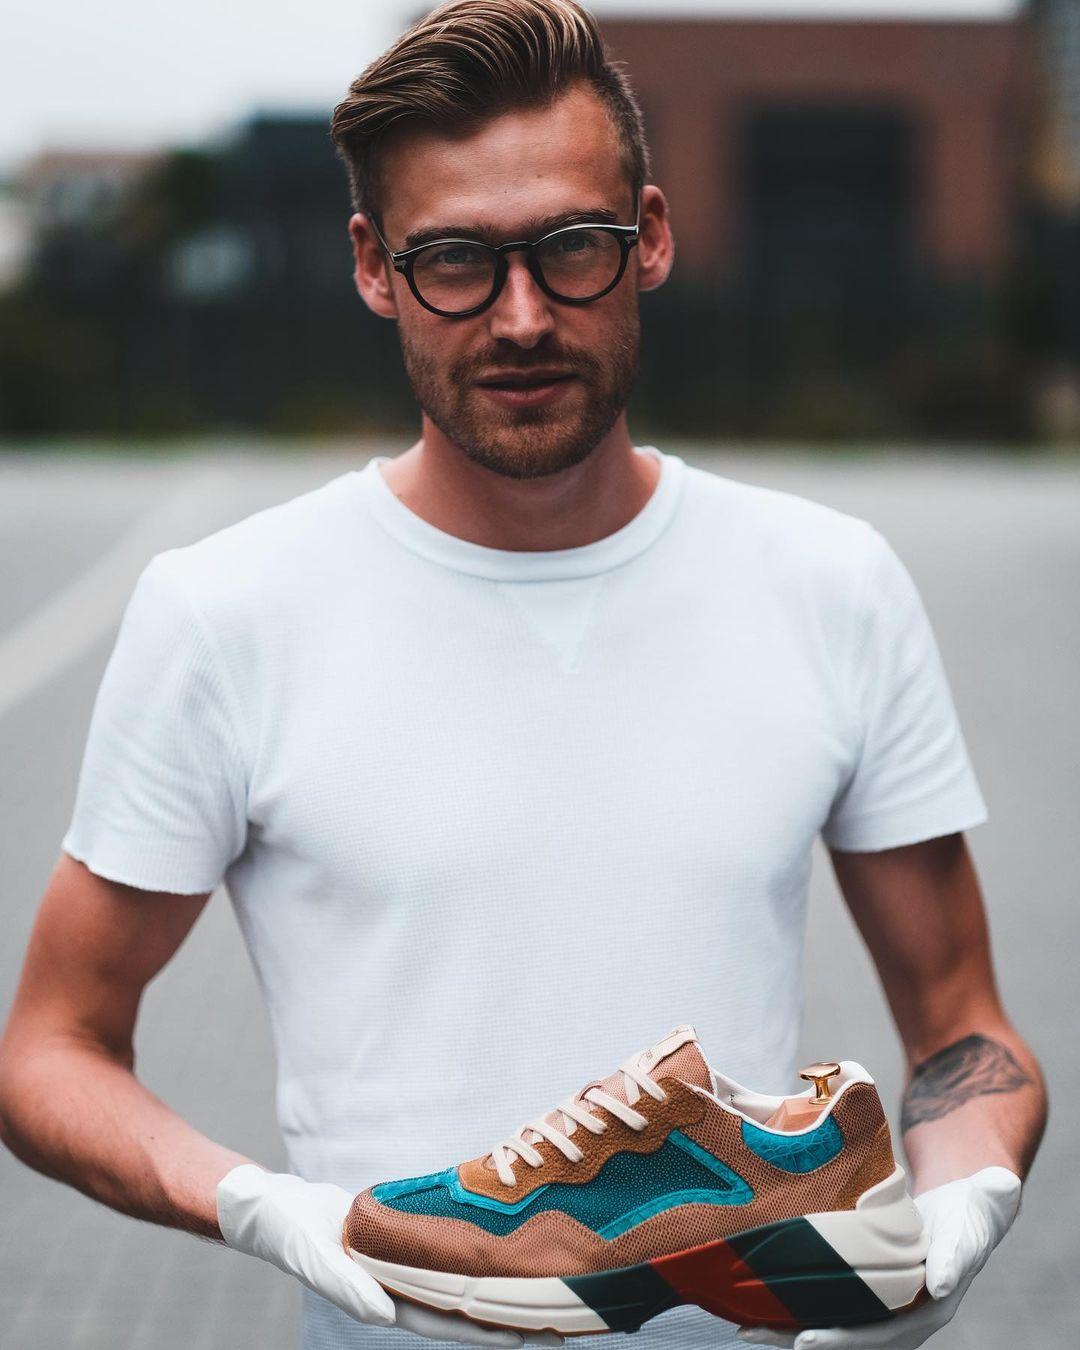 Photographer-Roel Oosterwijk-photo-of-Roel-van-Hoff-Founder-of-Sneakersschool